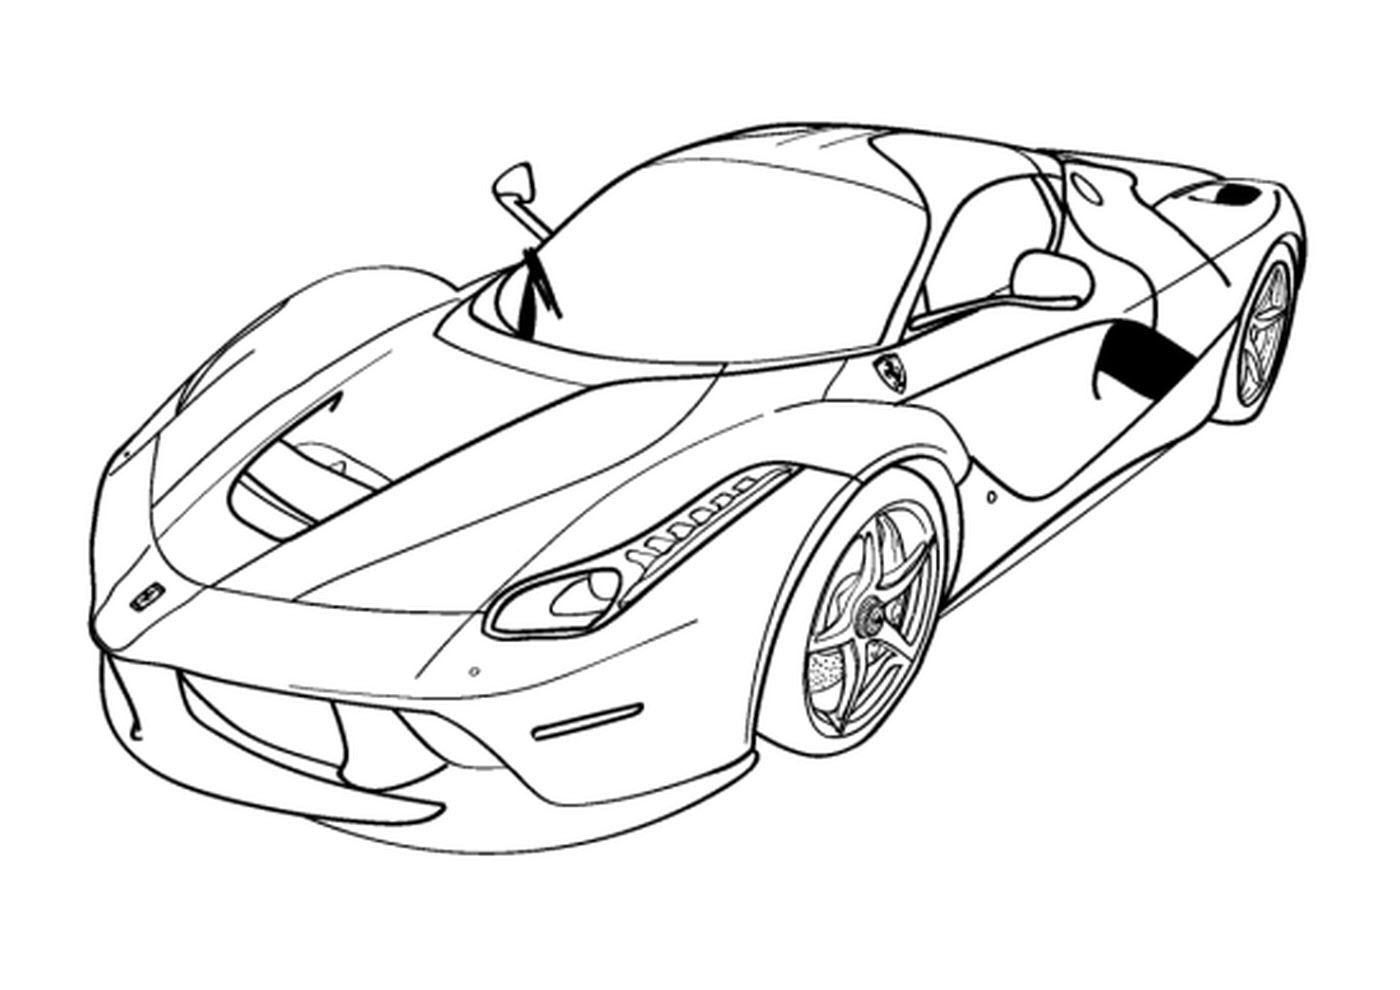 Tranh tô màu siêu xe ô tô đua